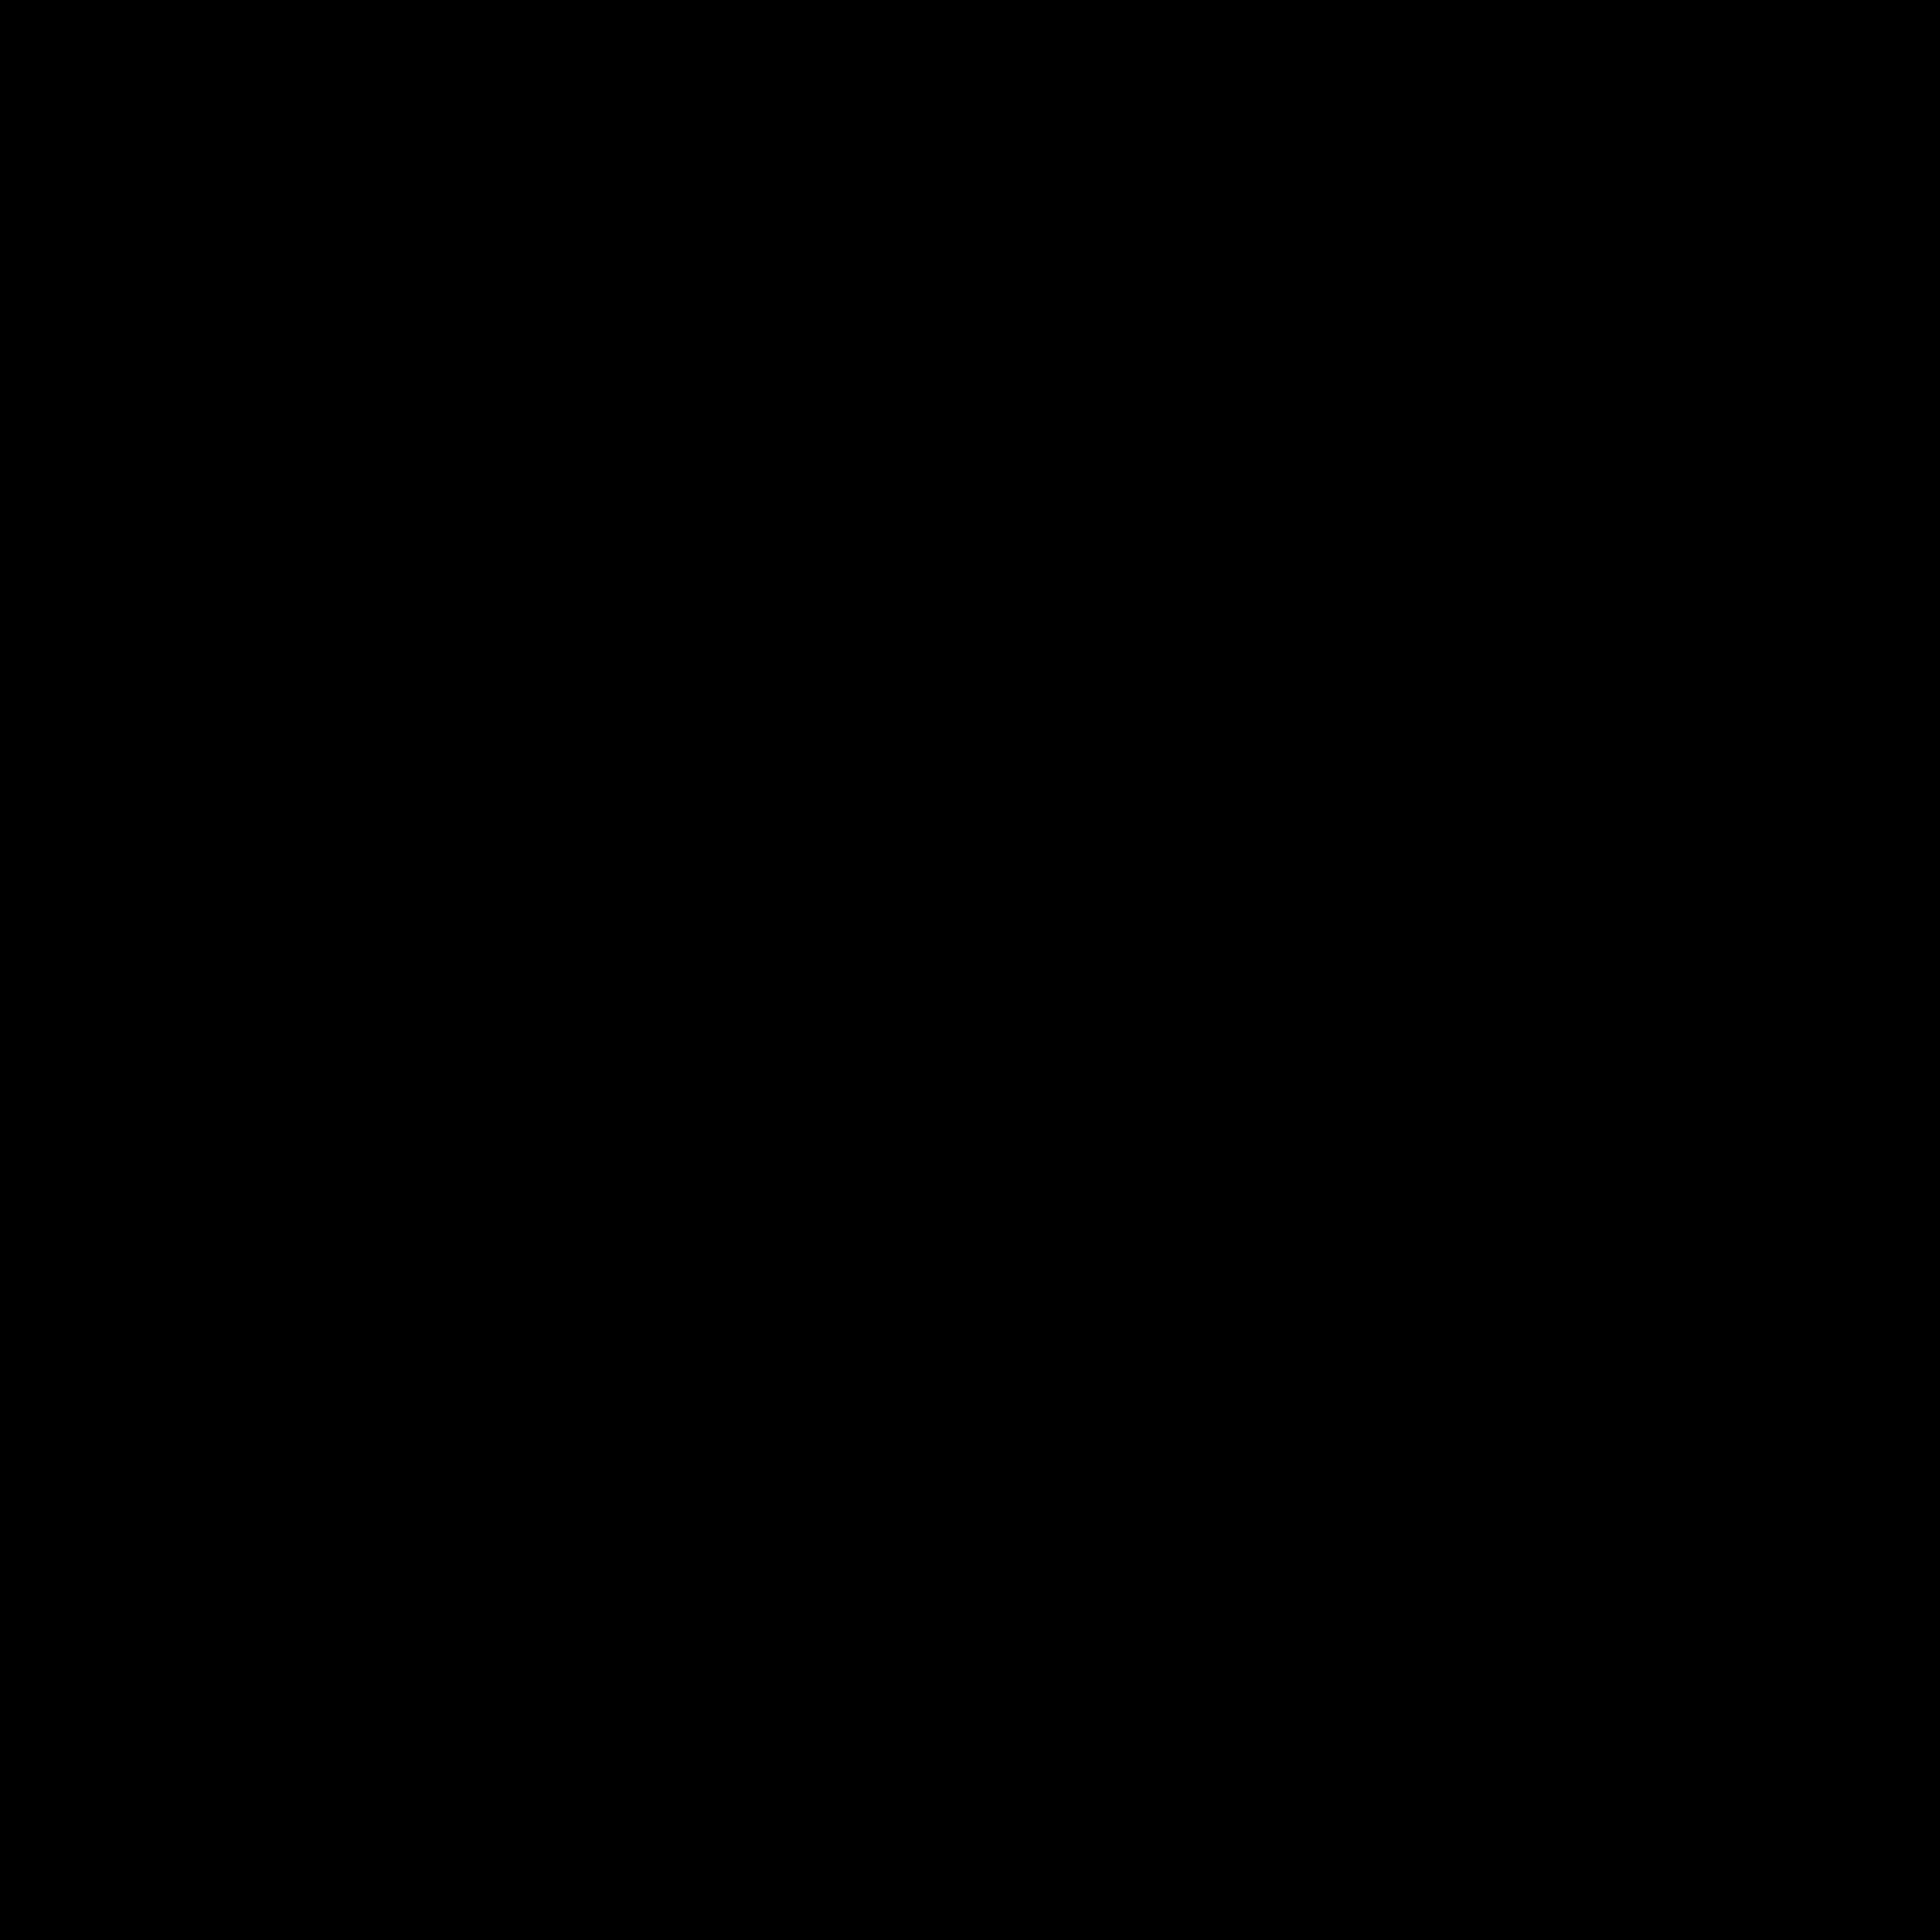 Nombre, taux et répartition des utilisateurs LinkedIn en Afrique